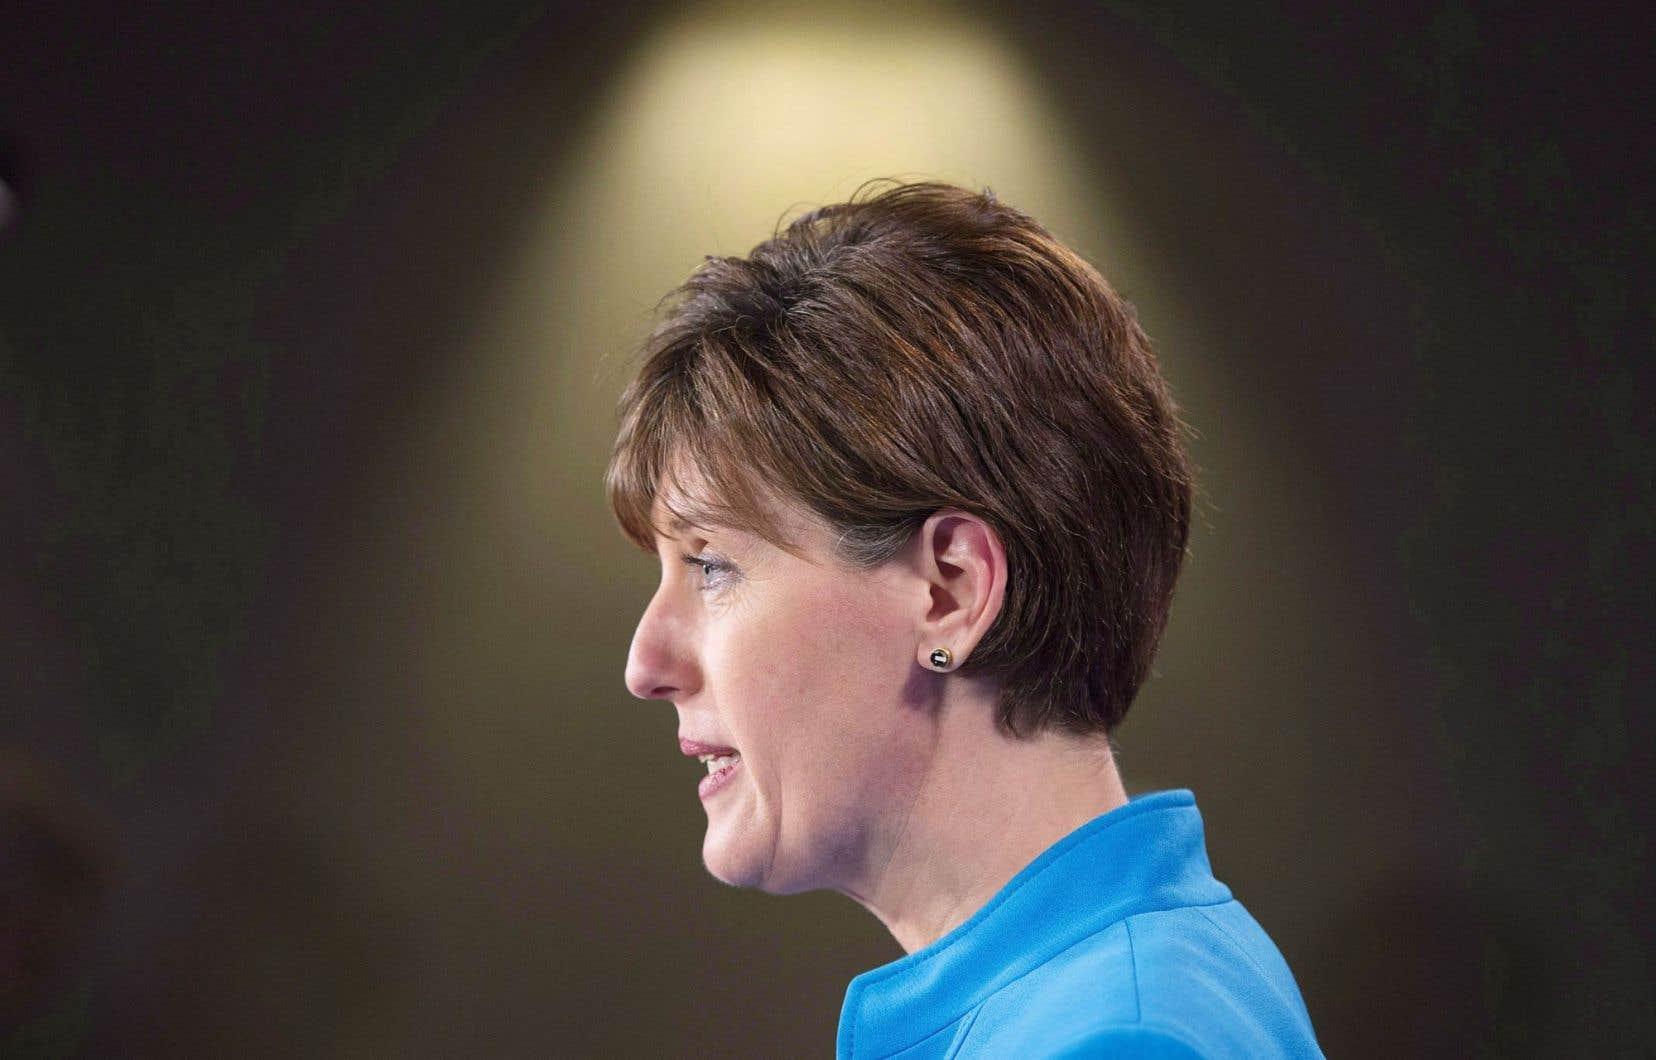 Le gouvernement libéral, par l'intermédiaire de la ministre du Développement international et de la Francophonie, Marie-Claude Bibeau, avait déjà annoncé ses couleurs en ce qui concerne une approche féministe du développement international.